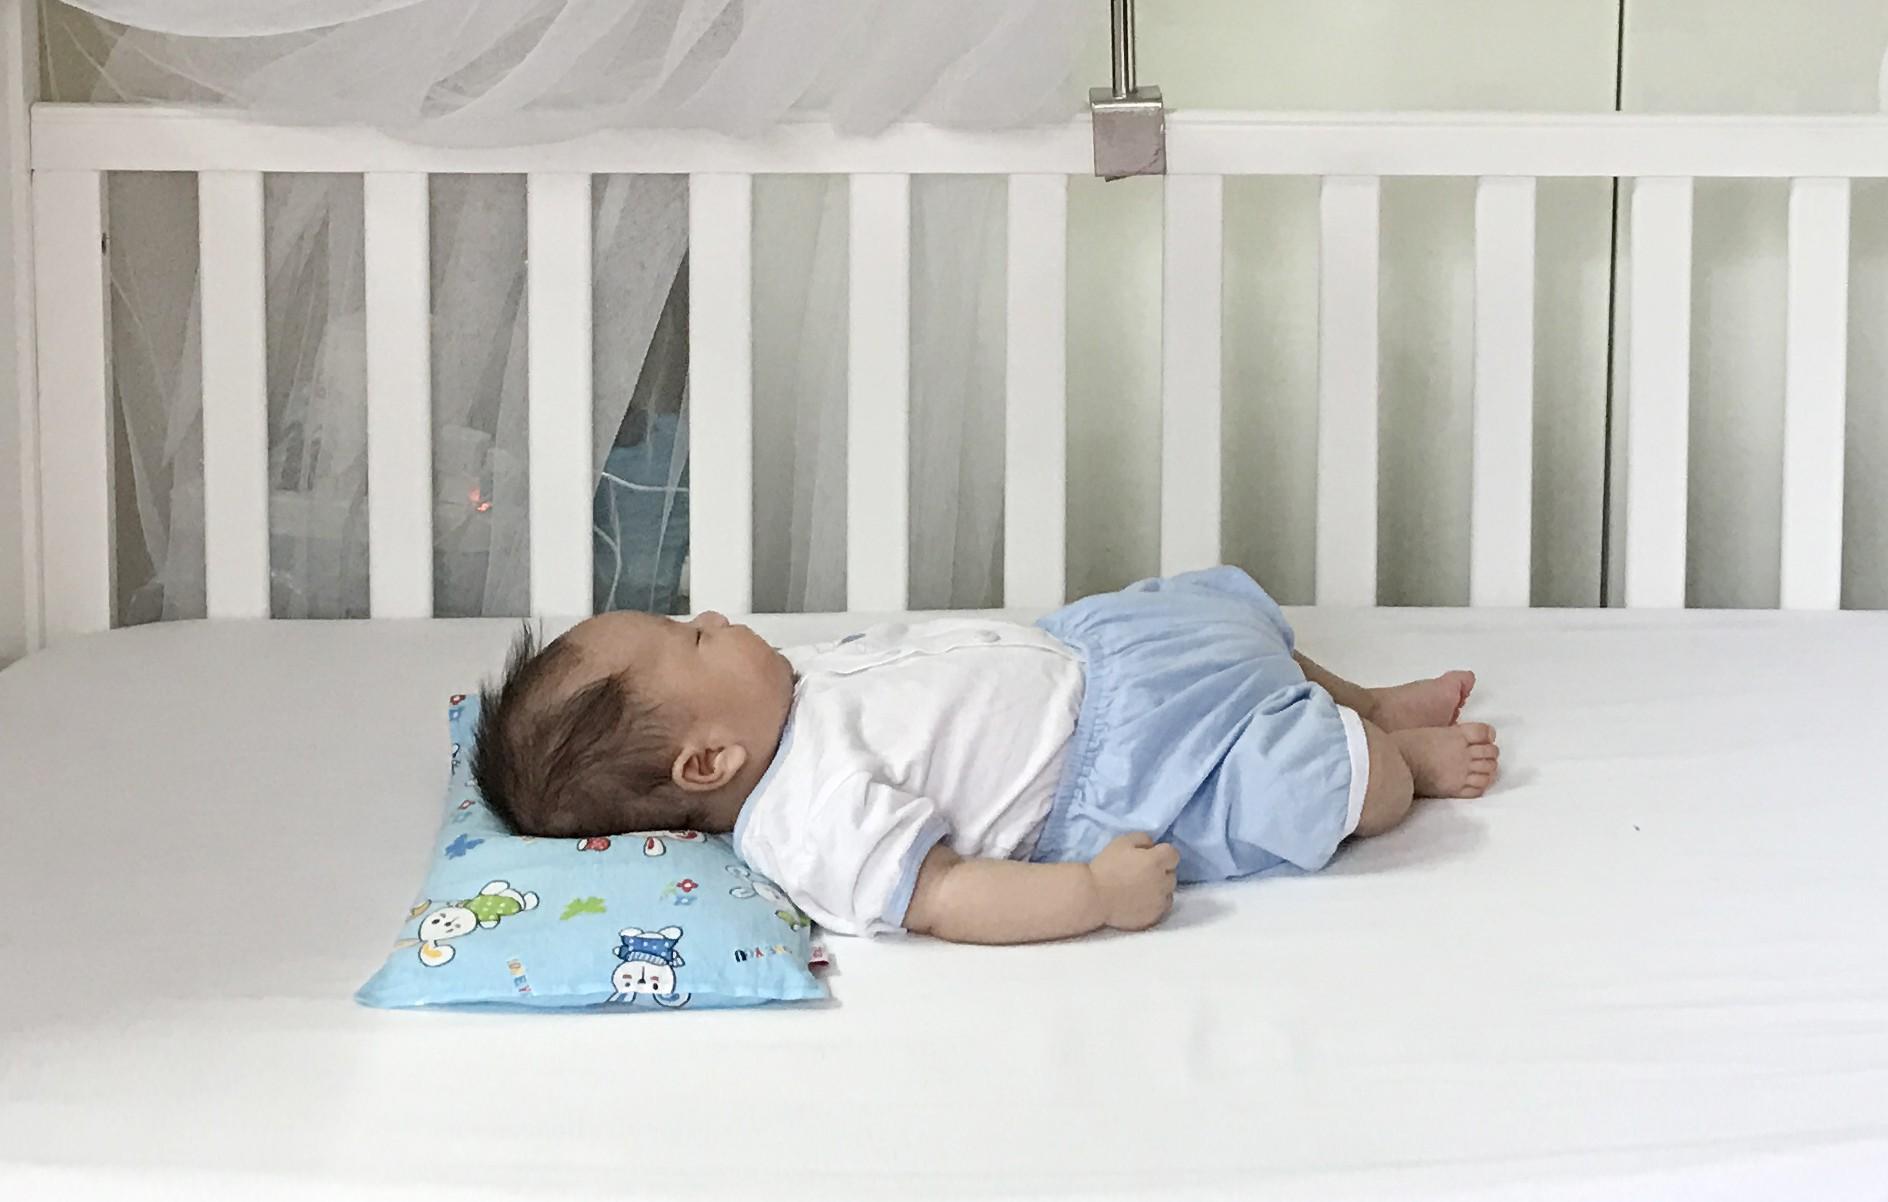 Luyện ngủ cho con từ khi mới lọt lòng, ông bố MC cùng con vi vu đi du lịch và cho bé ngủ bất kỳ đâu cũng được - Ảnh 6.